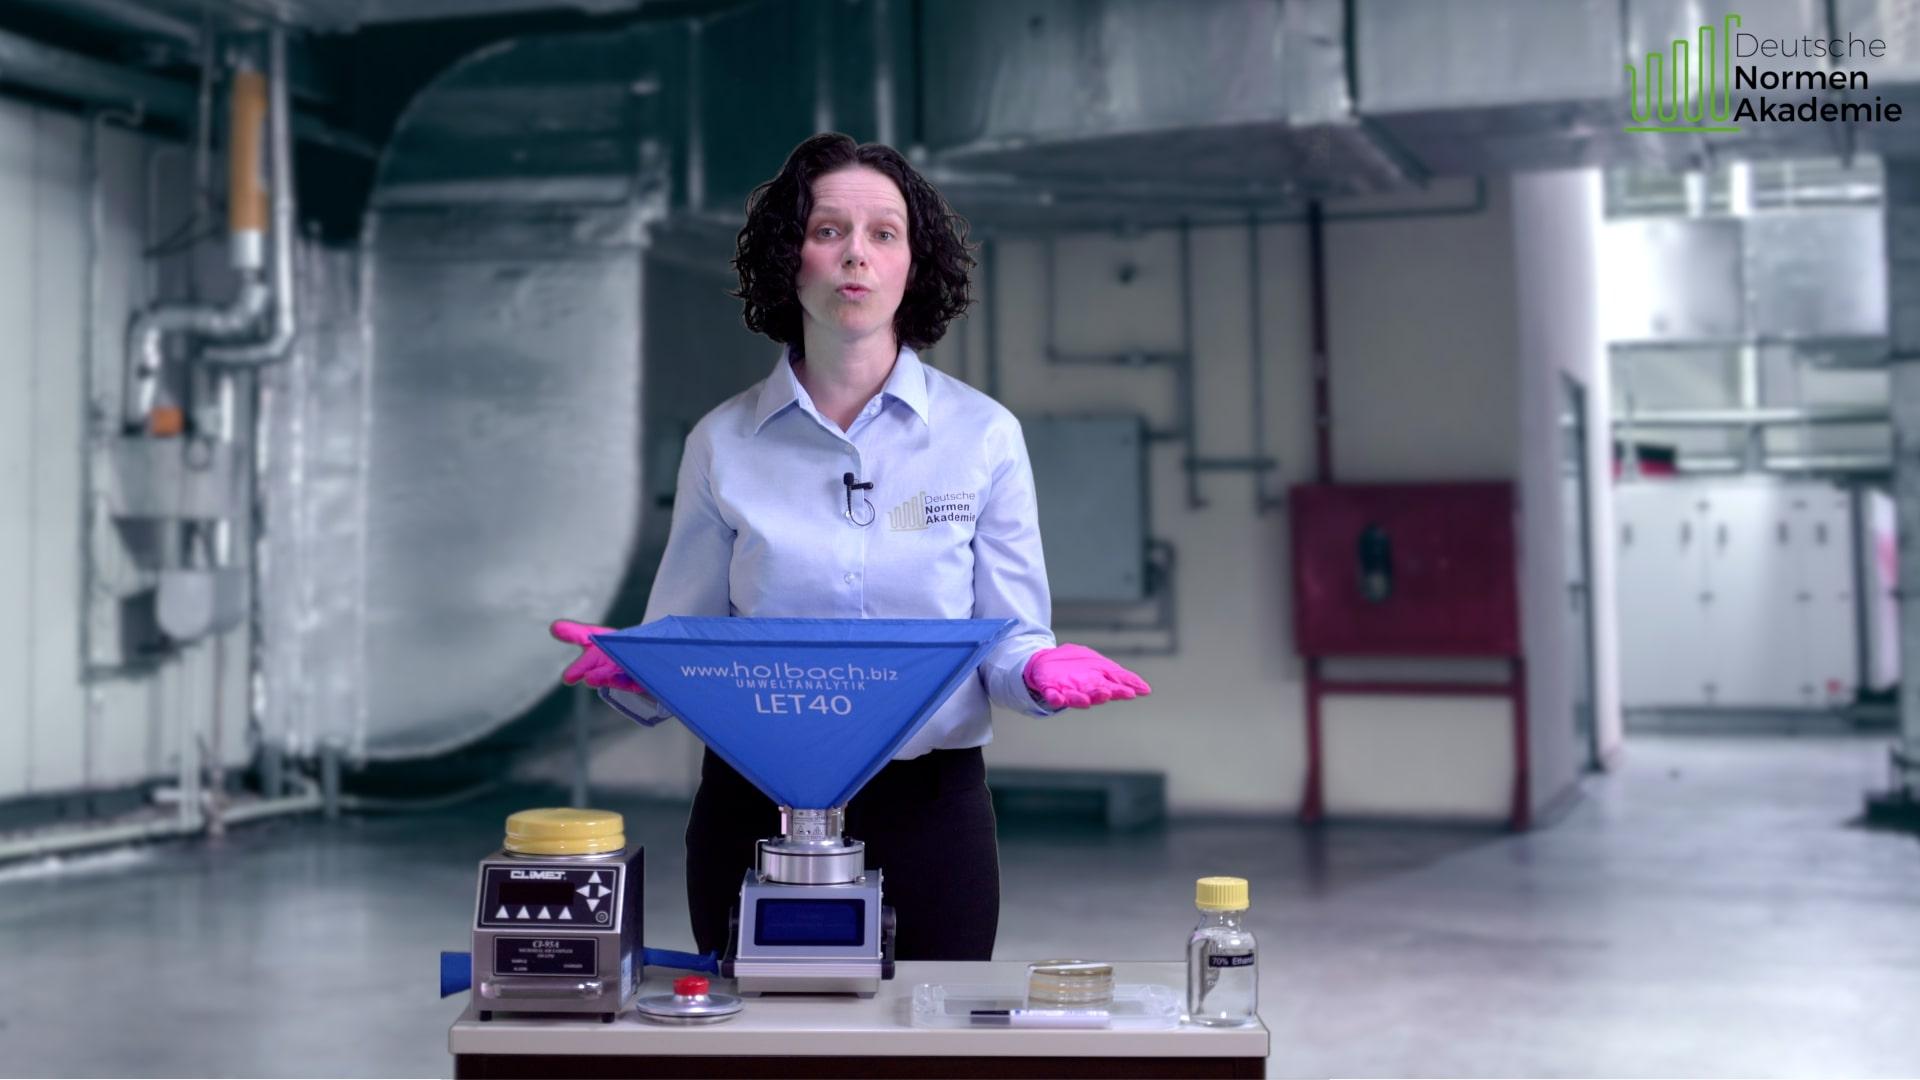 Mirkobiologische Probennahmen: wie zum Beispiel die Luftkeimmessung